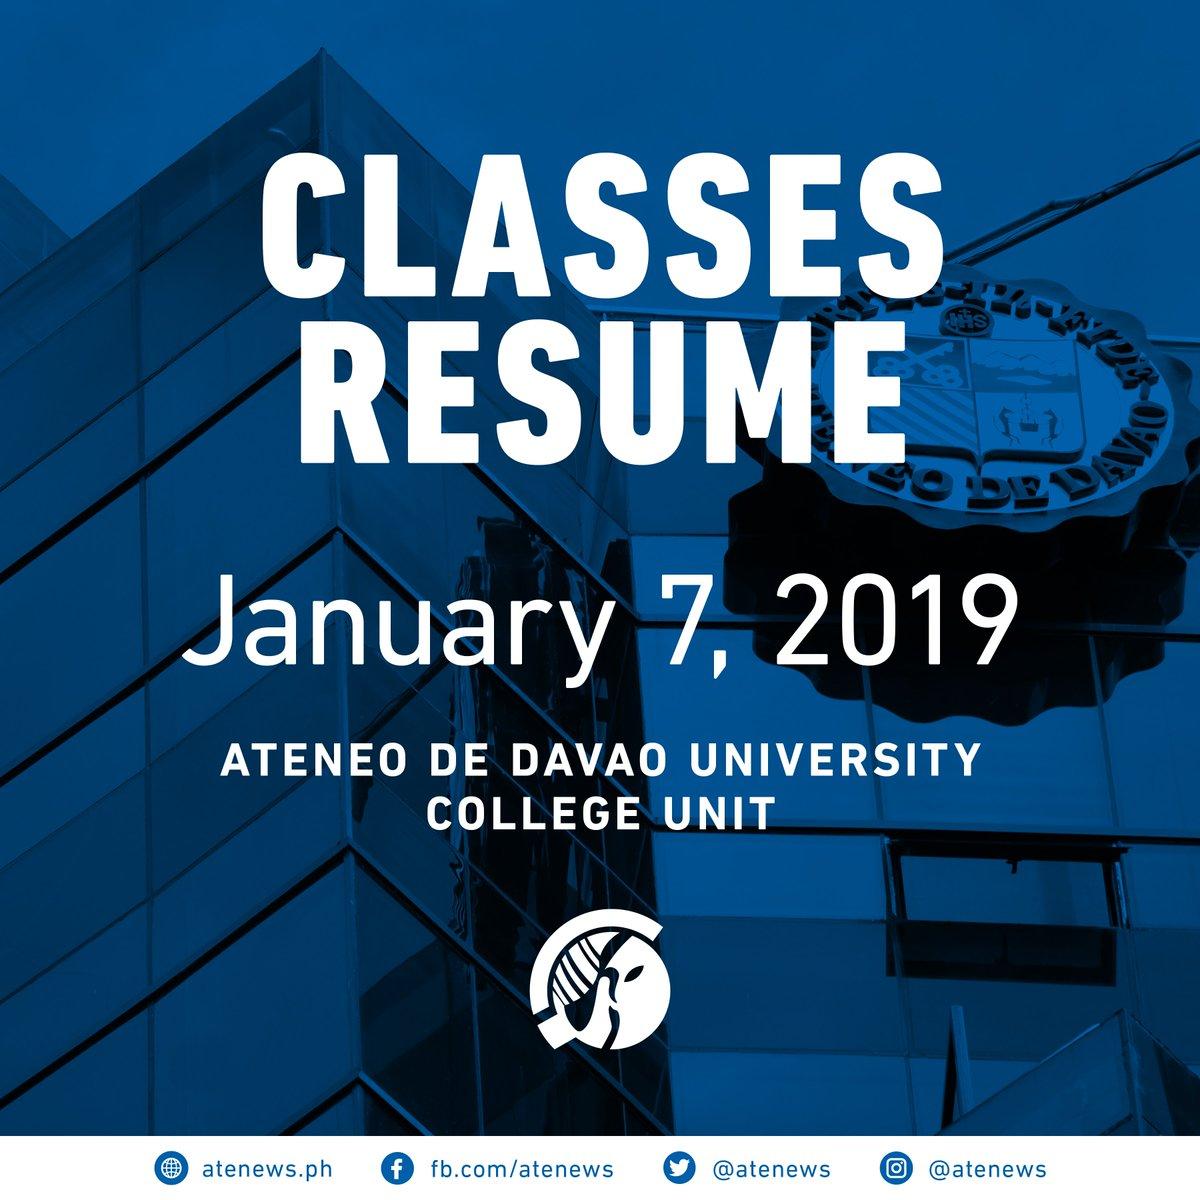 Atenews On Twitter Classesresume Classes In The Ateneo De Davao